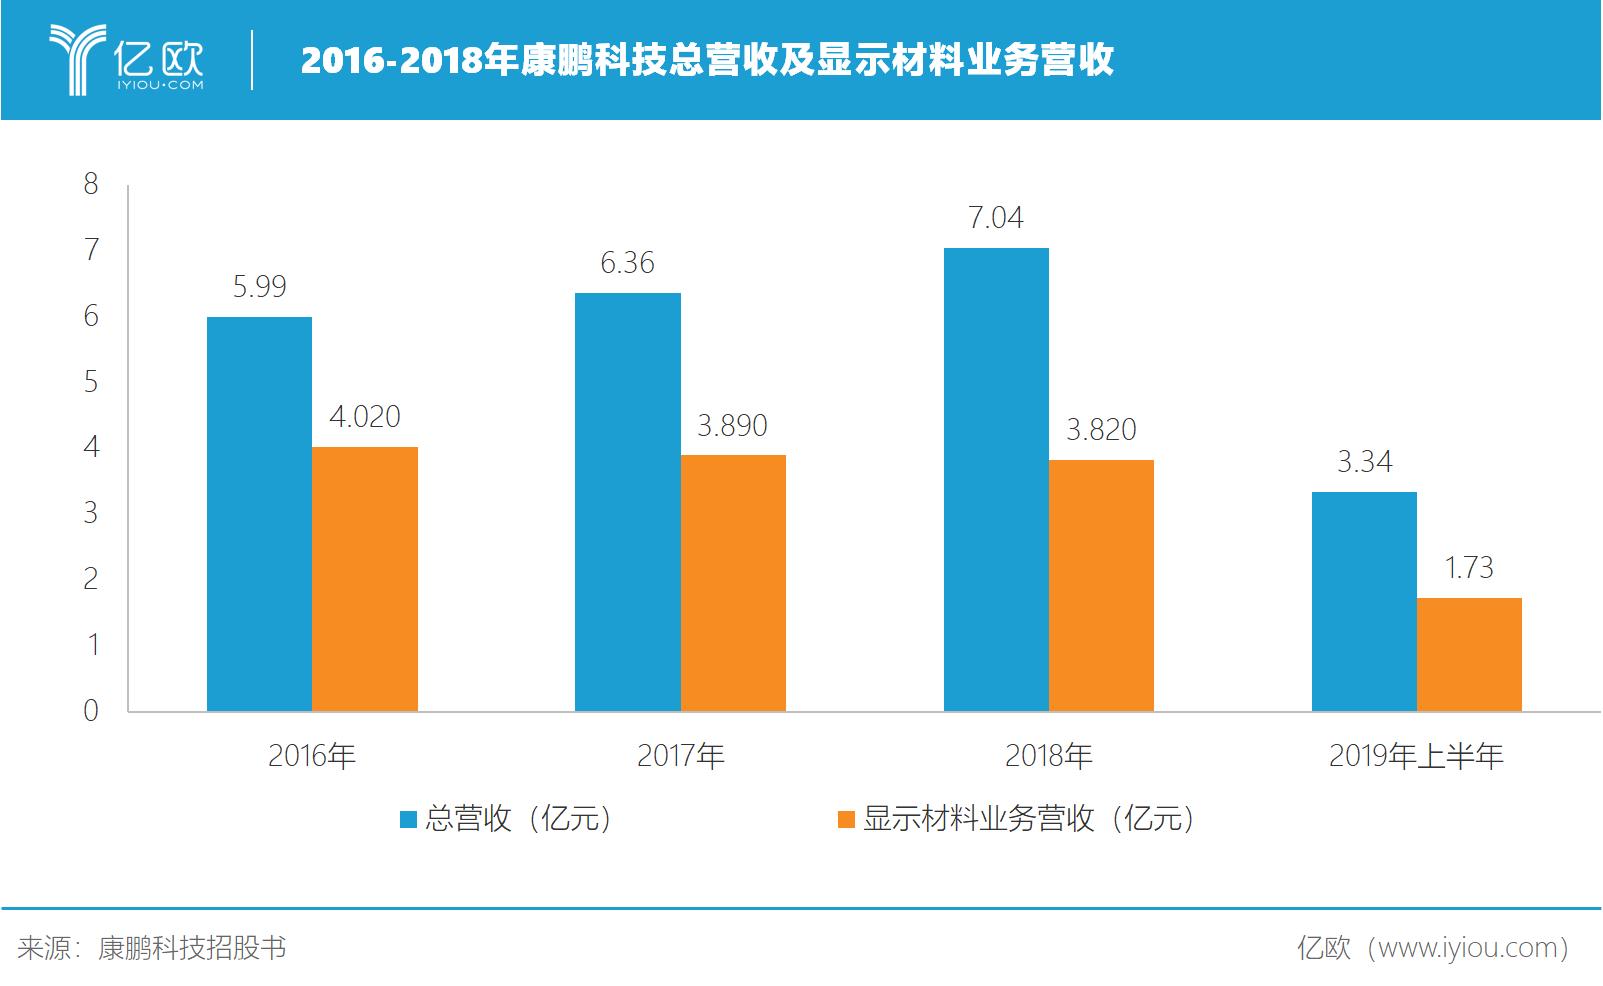 2016-2018康鹏科技总营收及显示材料业务营收